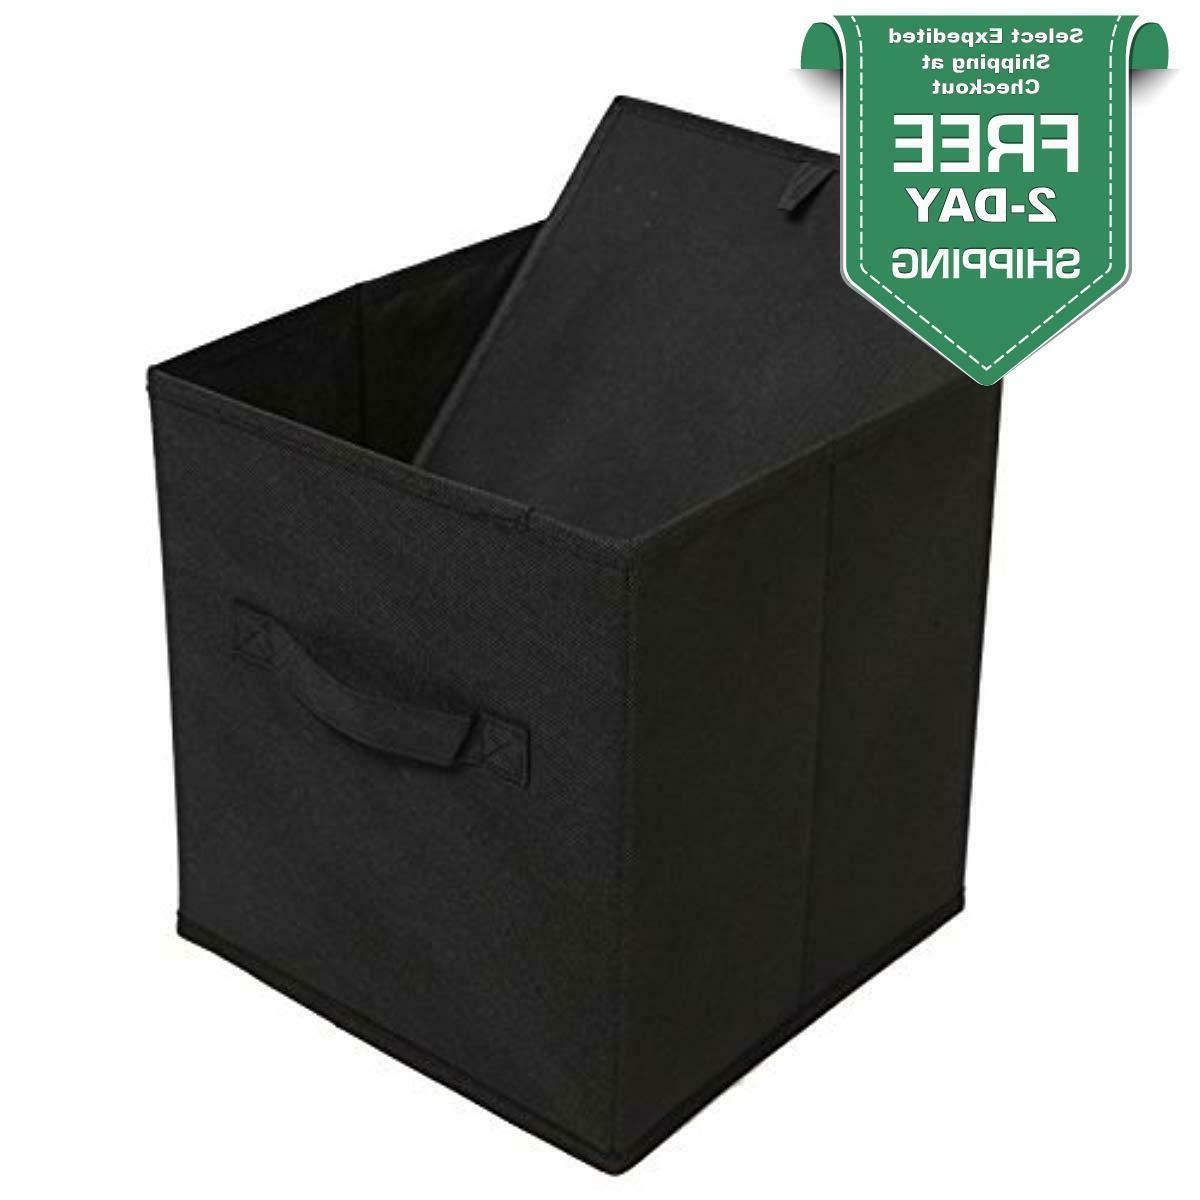 Foldable Basket Bins Set